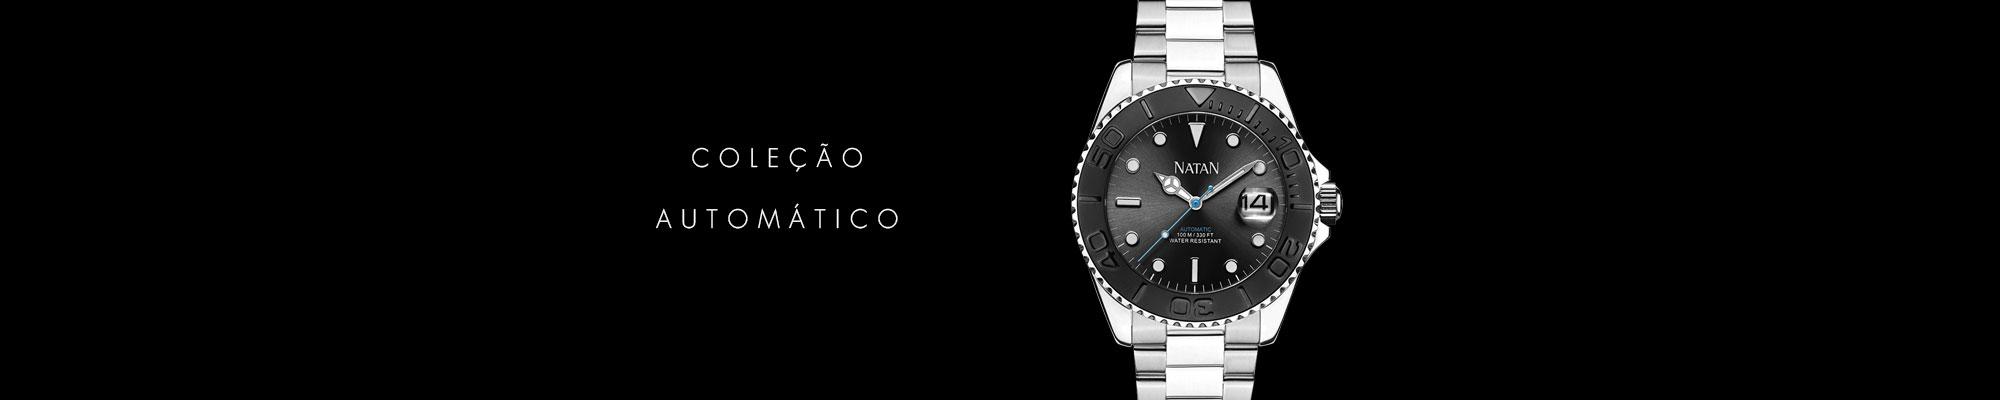 Relógios Natan coleção Automático